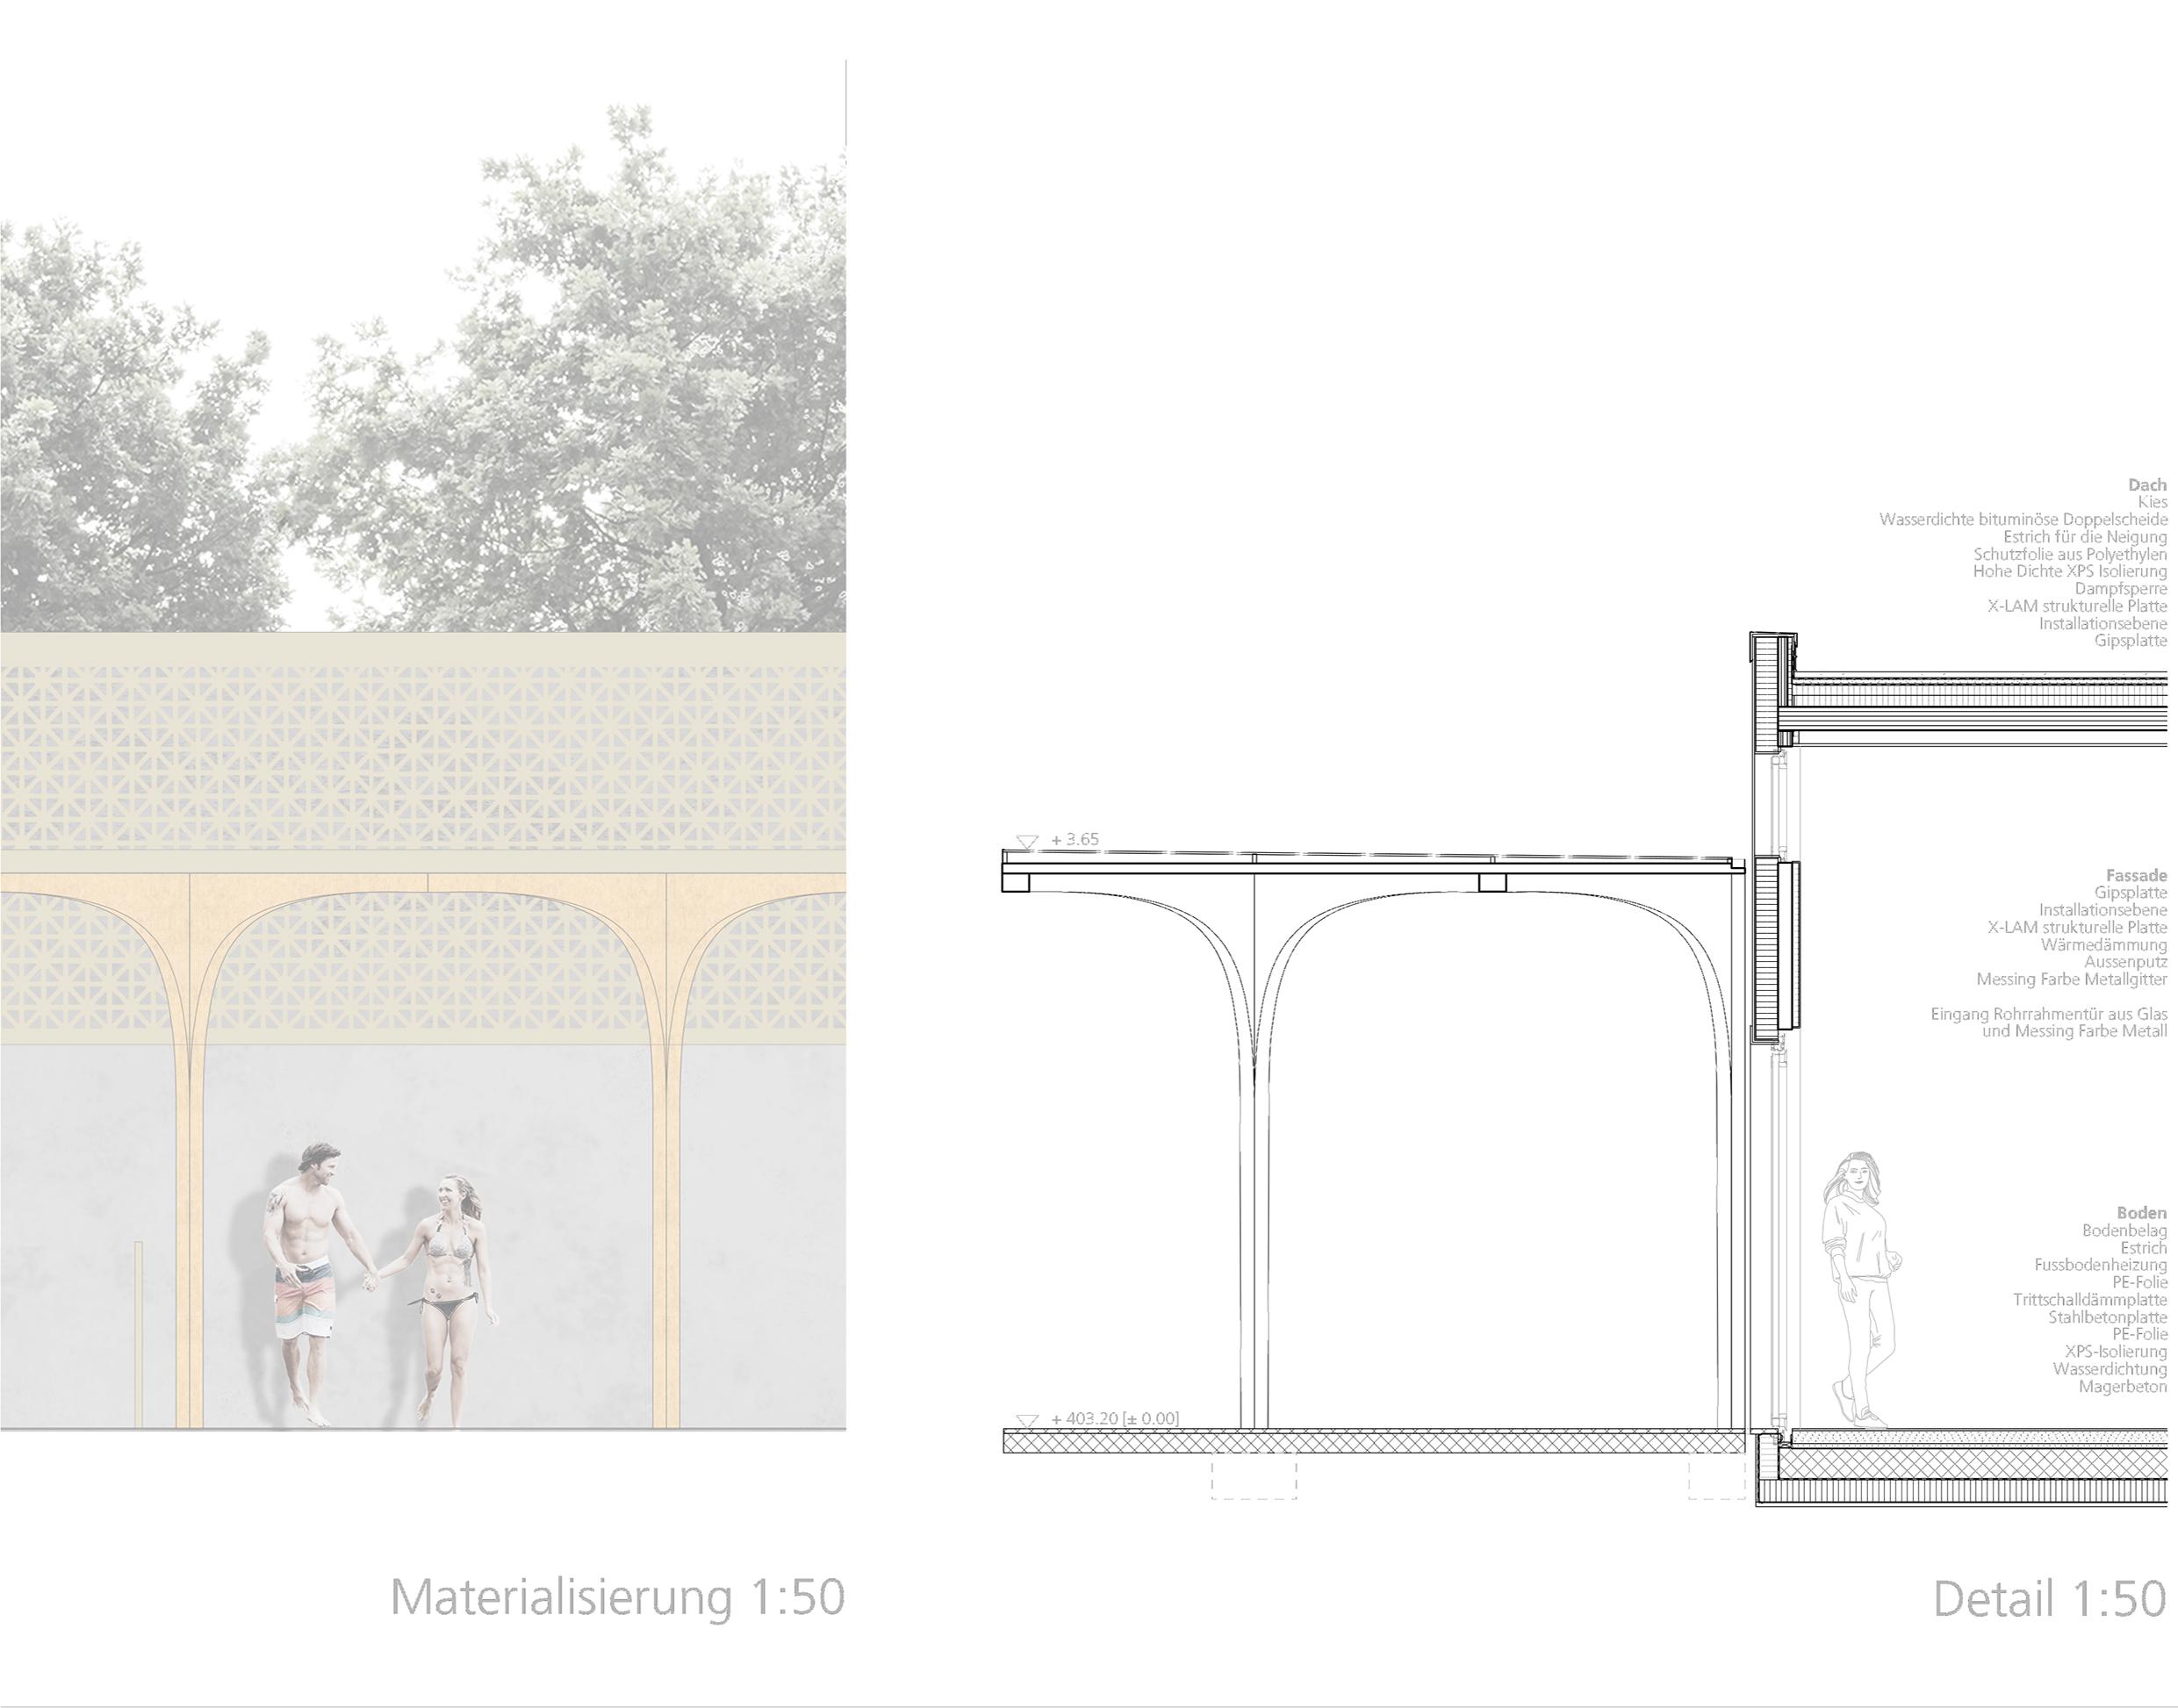 Detailplan